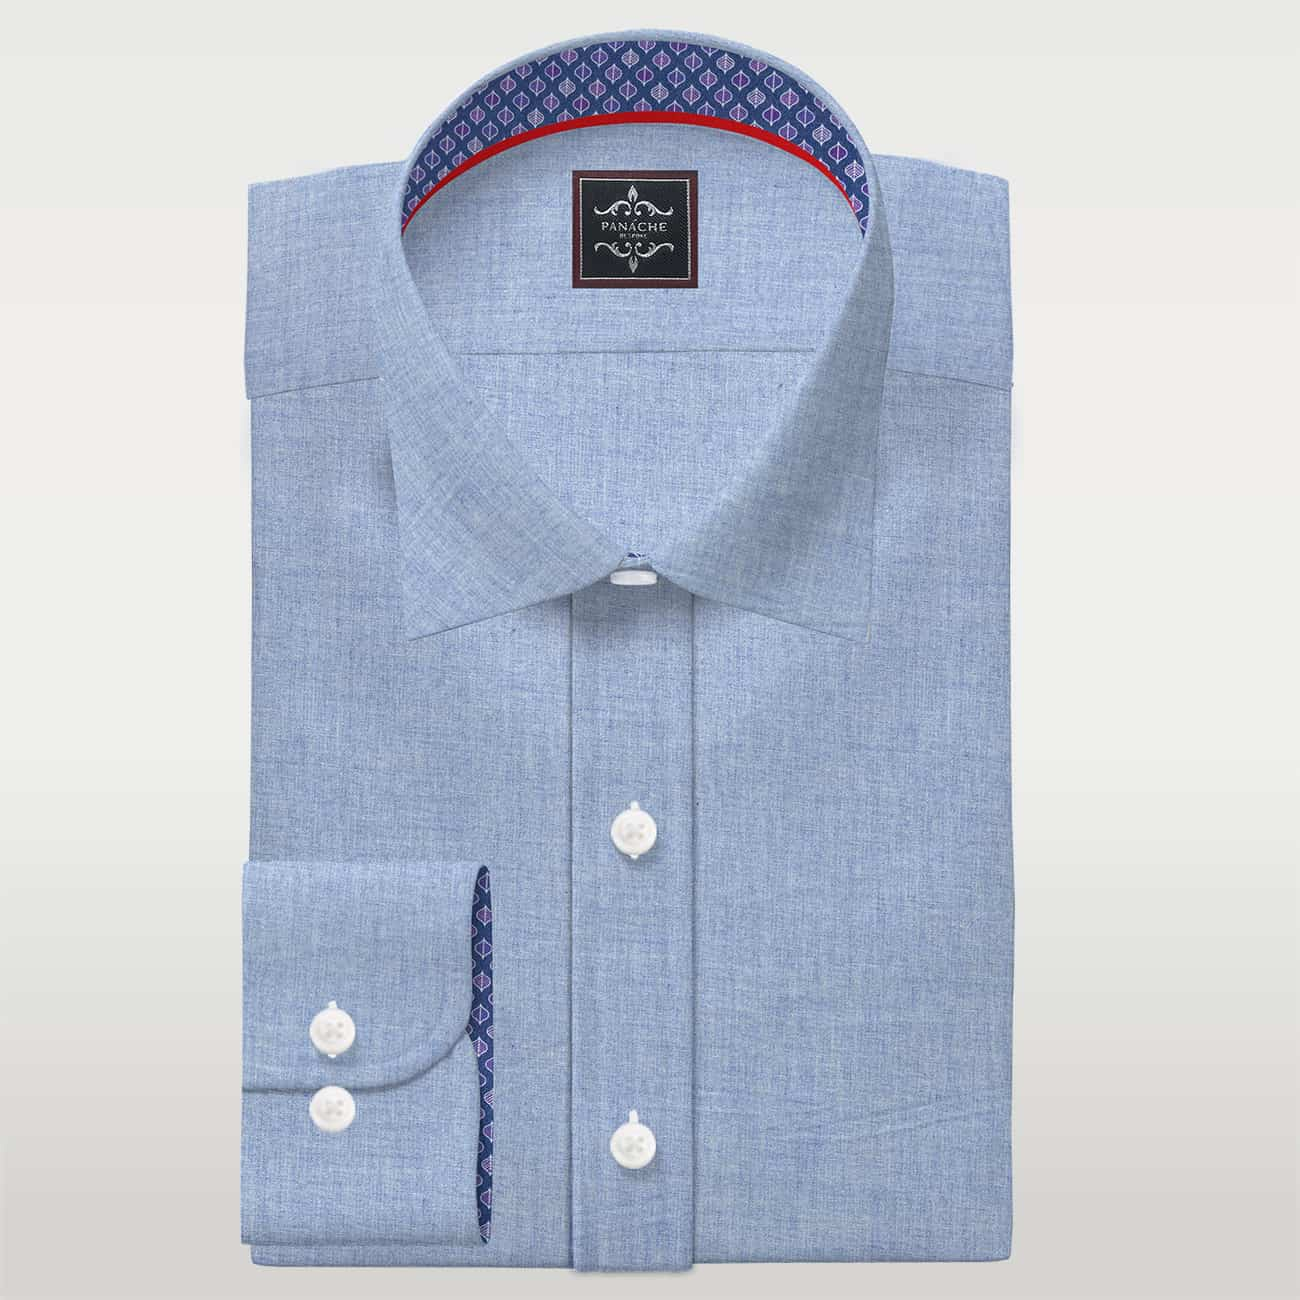 Wool Blend Flannel light Blue Shirt | Flannel shirts